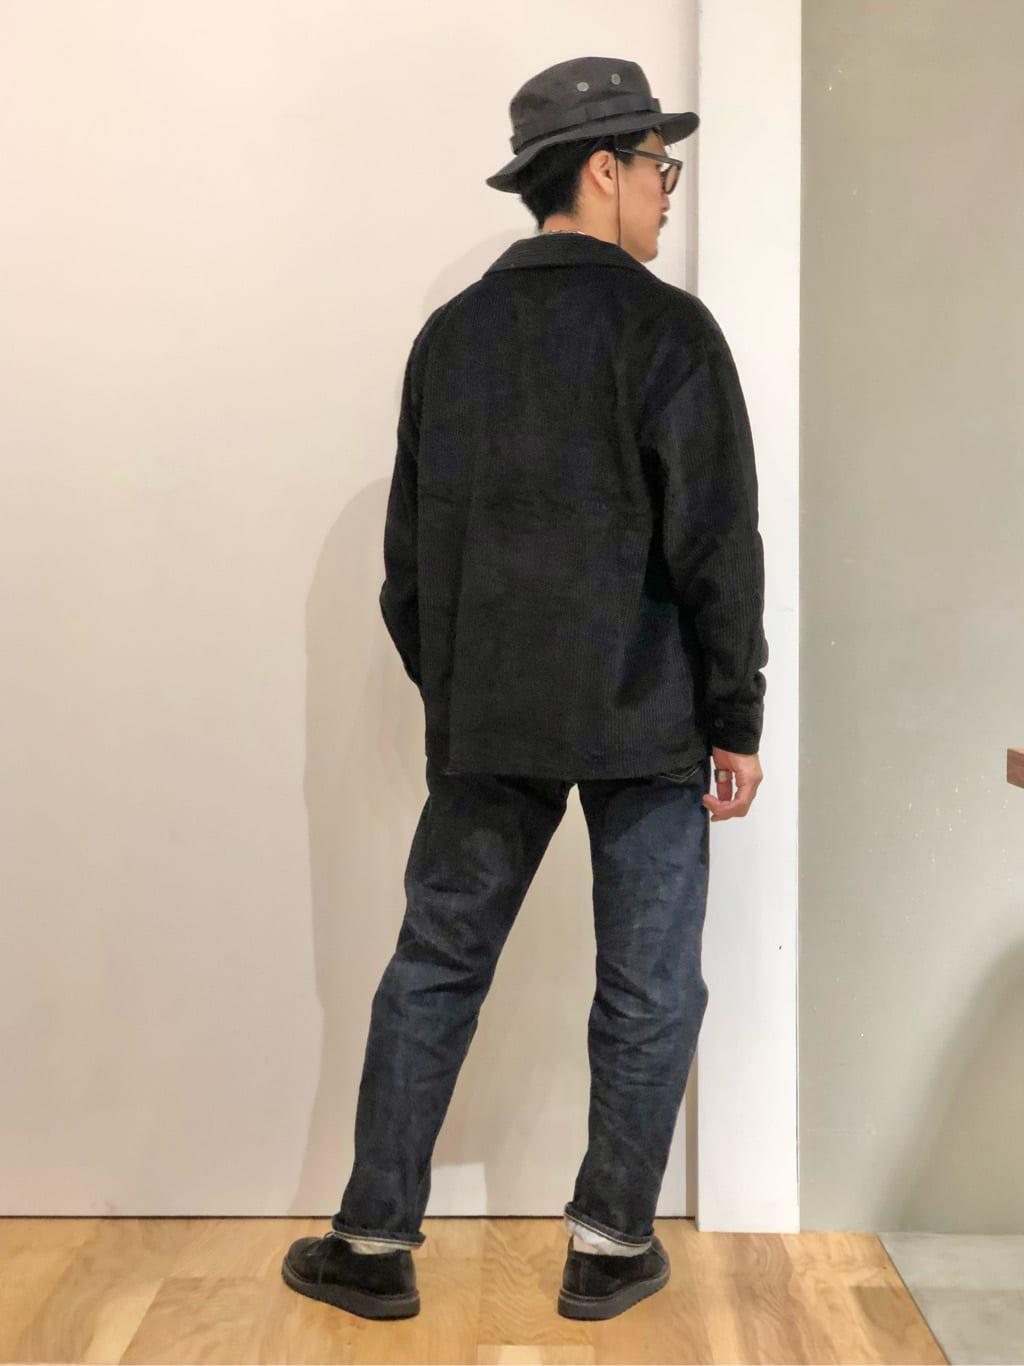 LINKS UMEDA店のサカモトヒロシさんのALPHAのアドベンチャーハットを使ったコーディネート